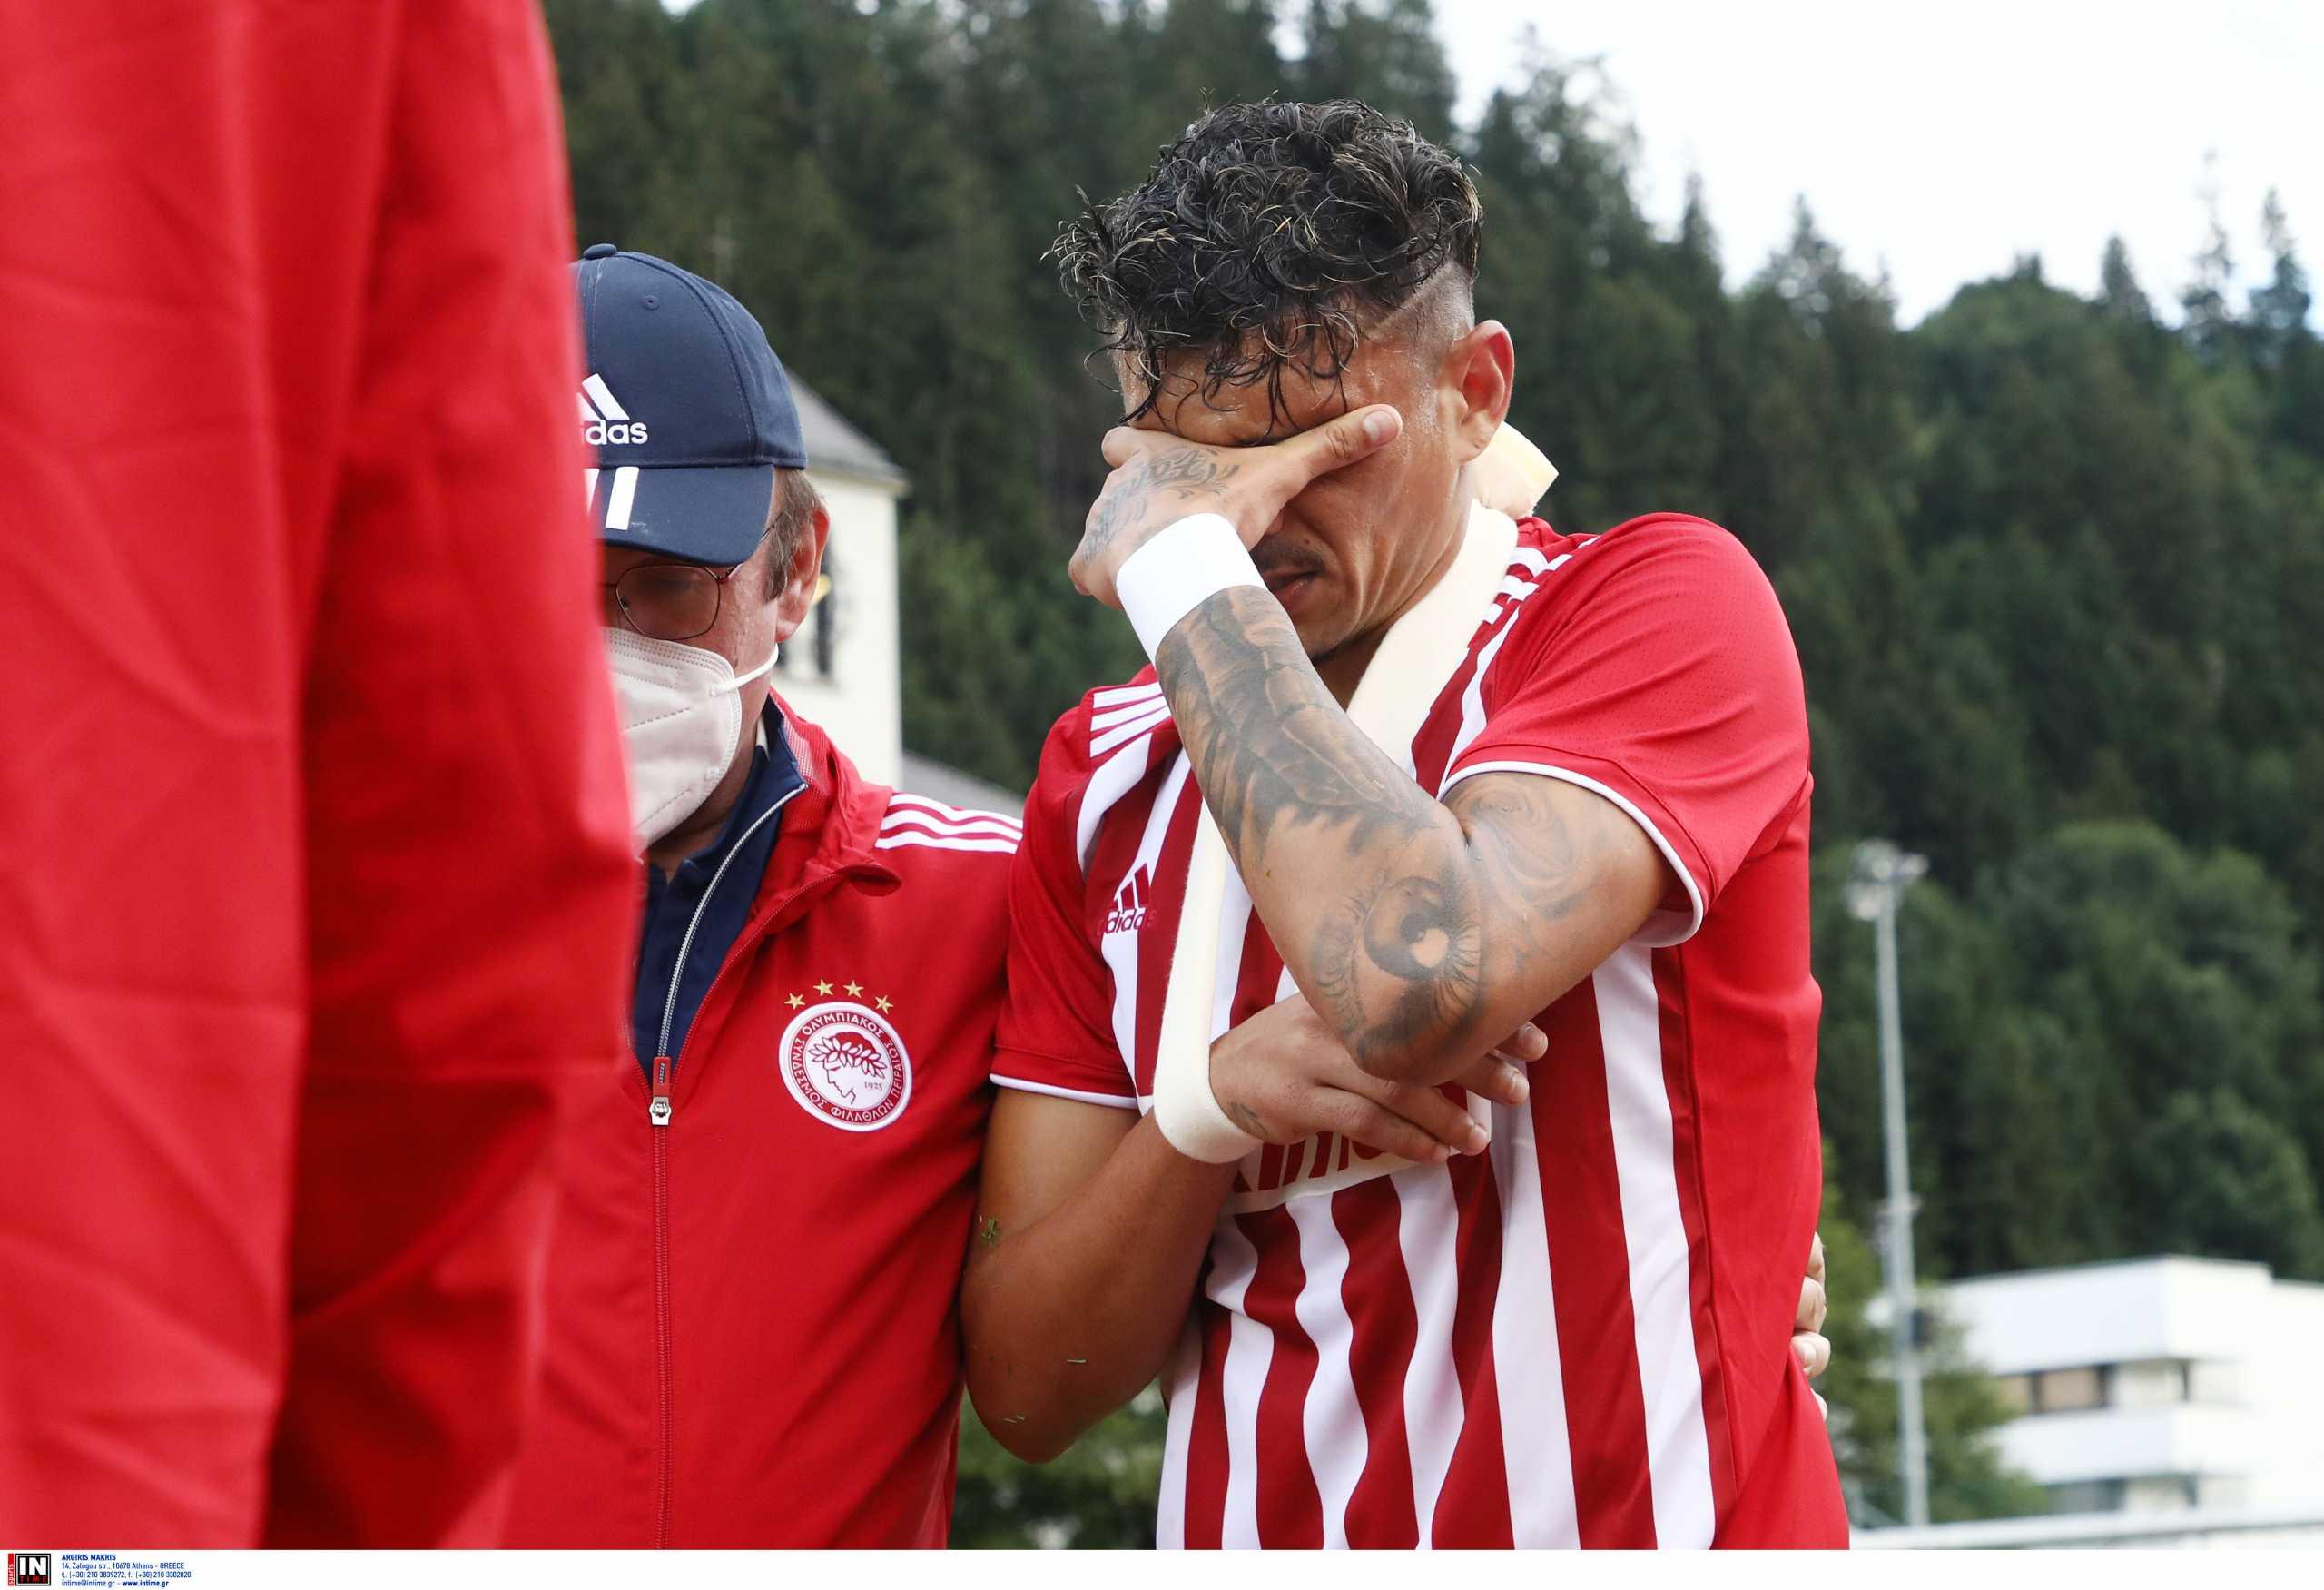 Ολυμπιακός: Αποχώρησε τραυματίας ο Τικίνιο από το φιλικό με ΤΣΣΚΑ Σόφιας